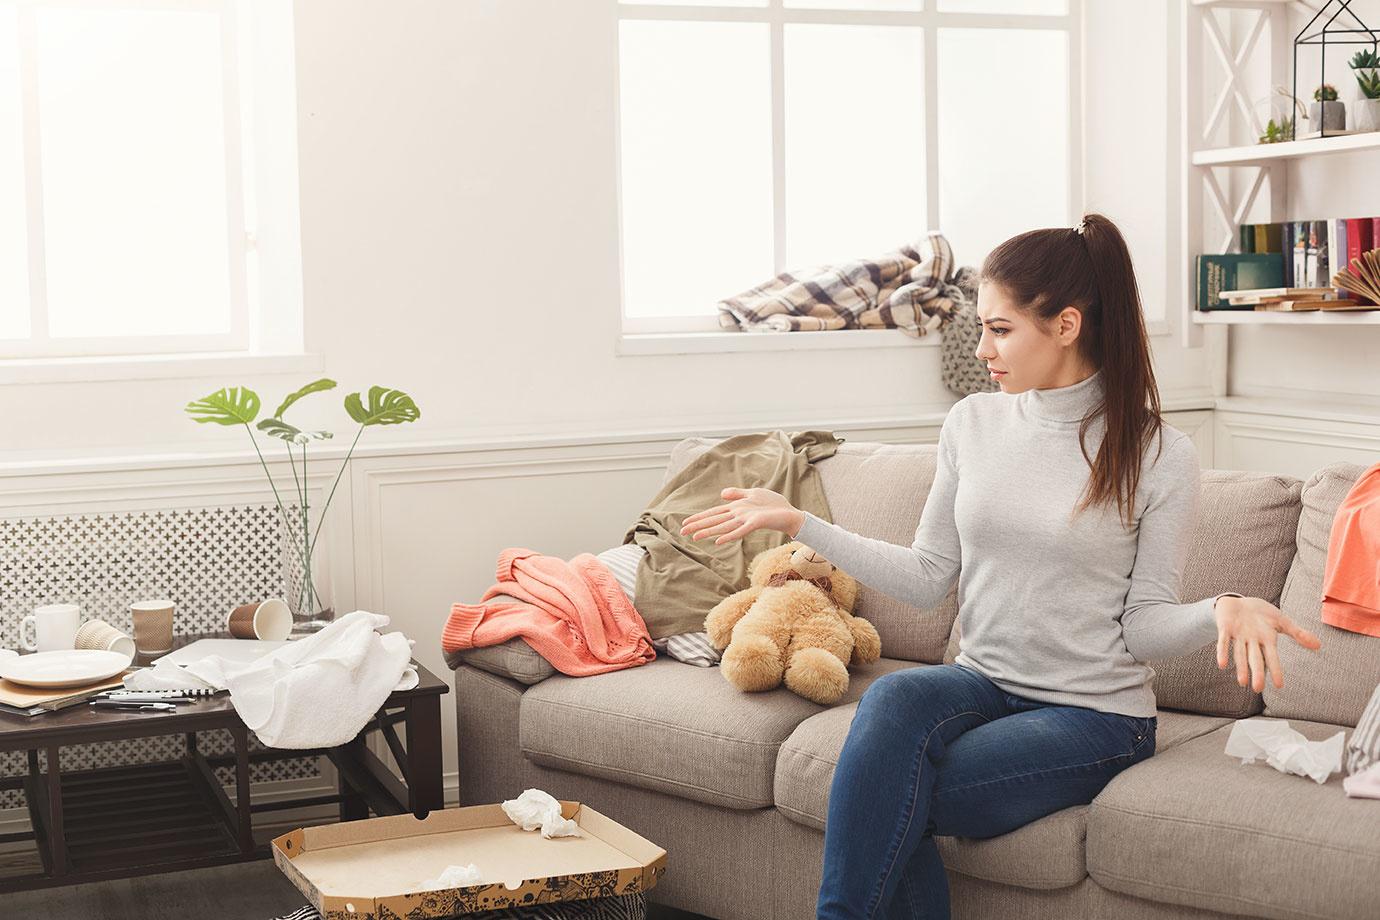 一人暮らしで嫌なのは風呂掃除や洗濯よりもアレ?面倒な家事5個とその解決方法